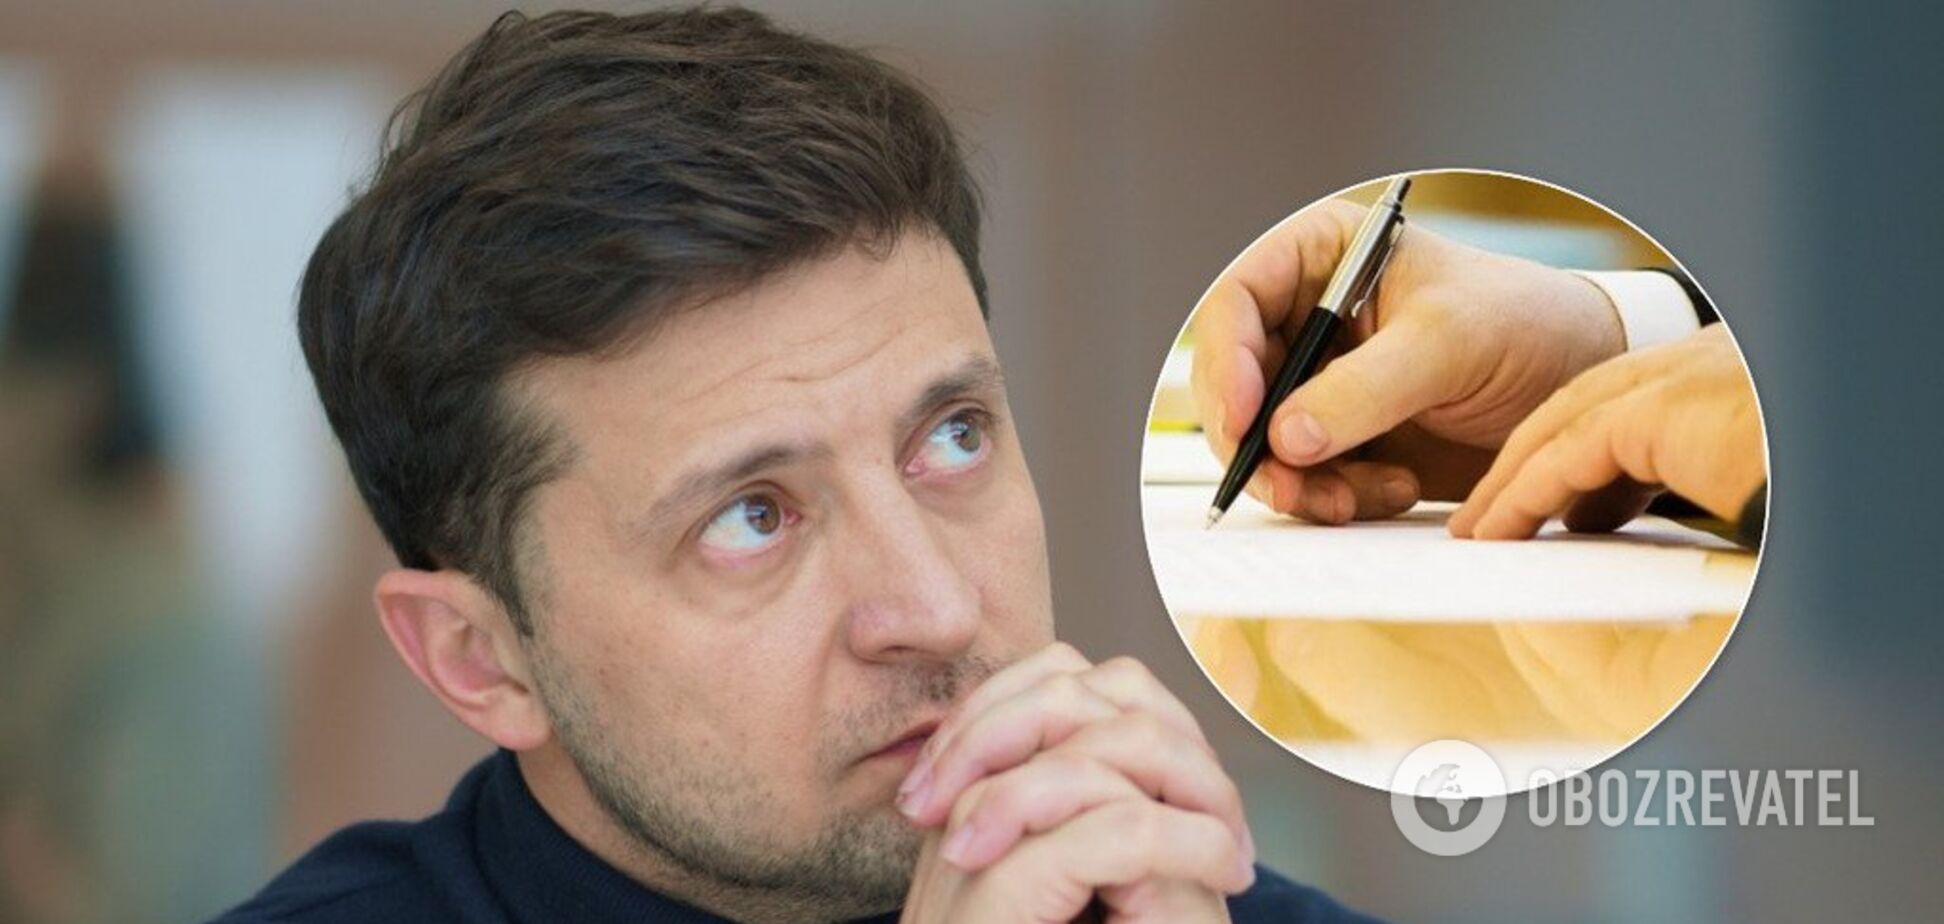 'Россия должна взять под контроль!' Зеленский вляпался в скандал из-за Донбасса